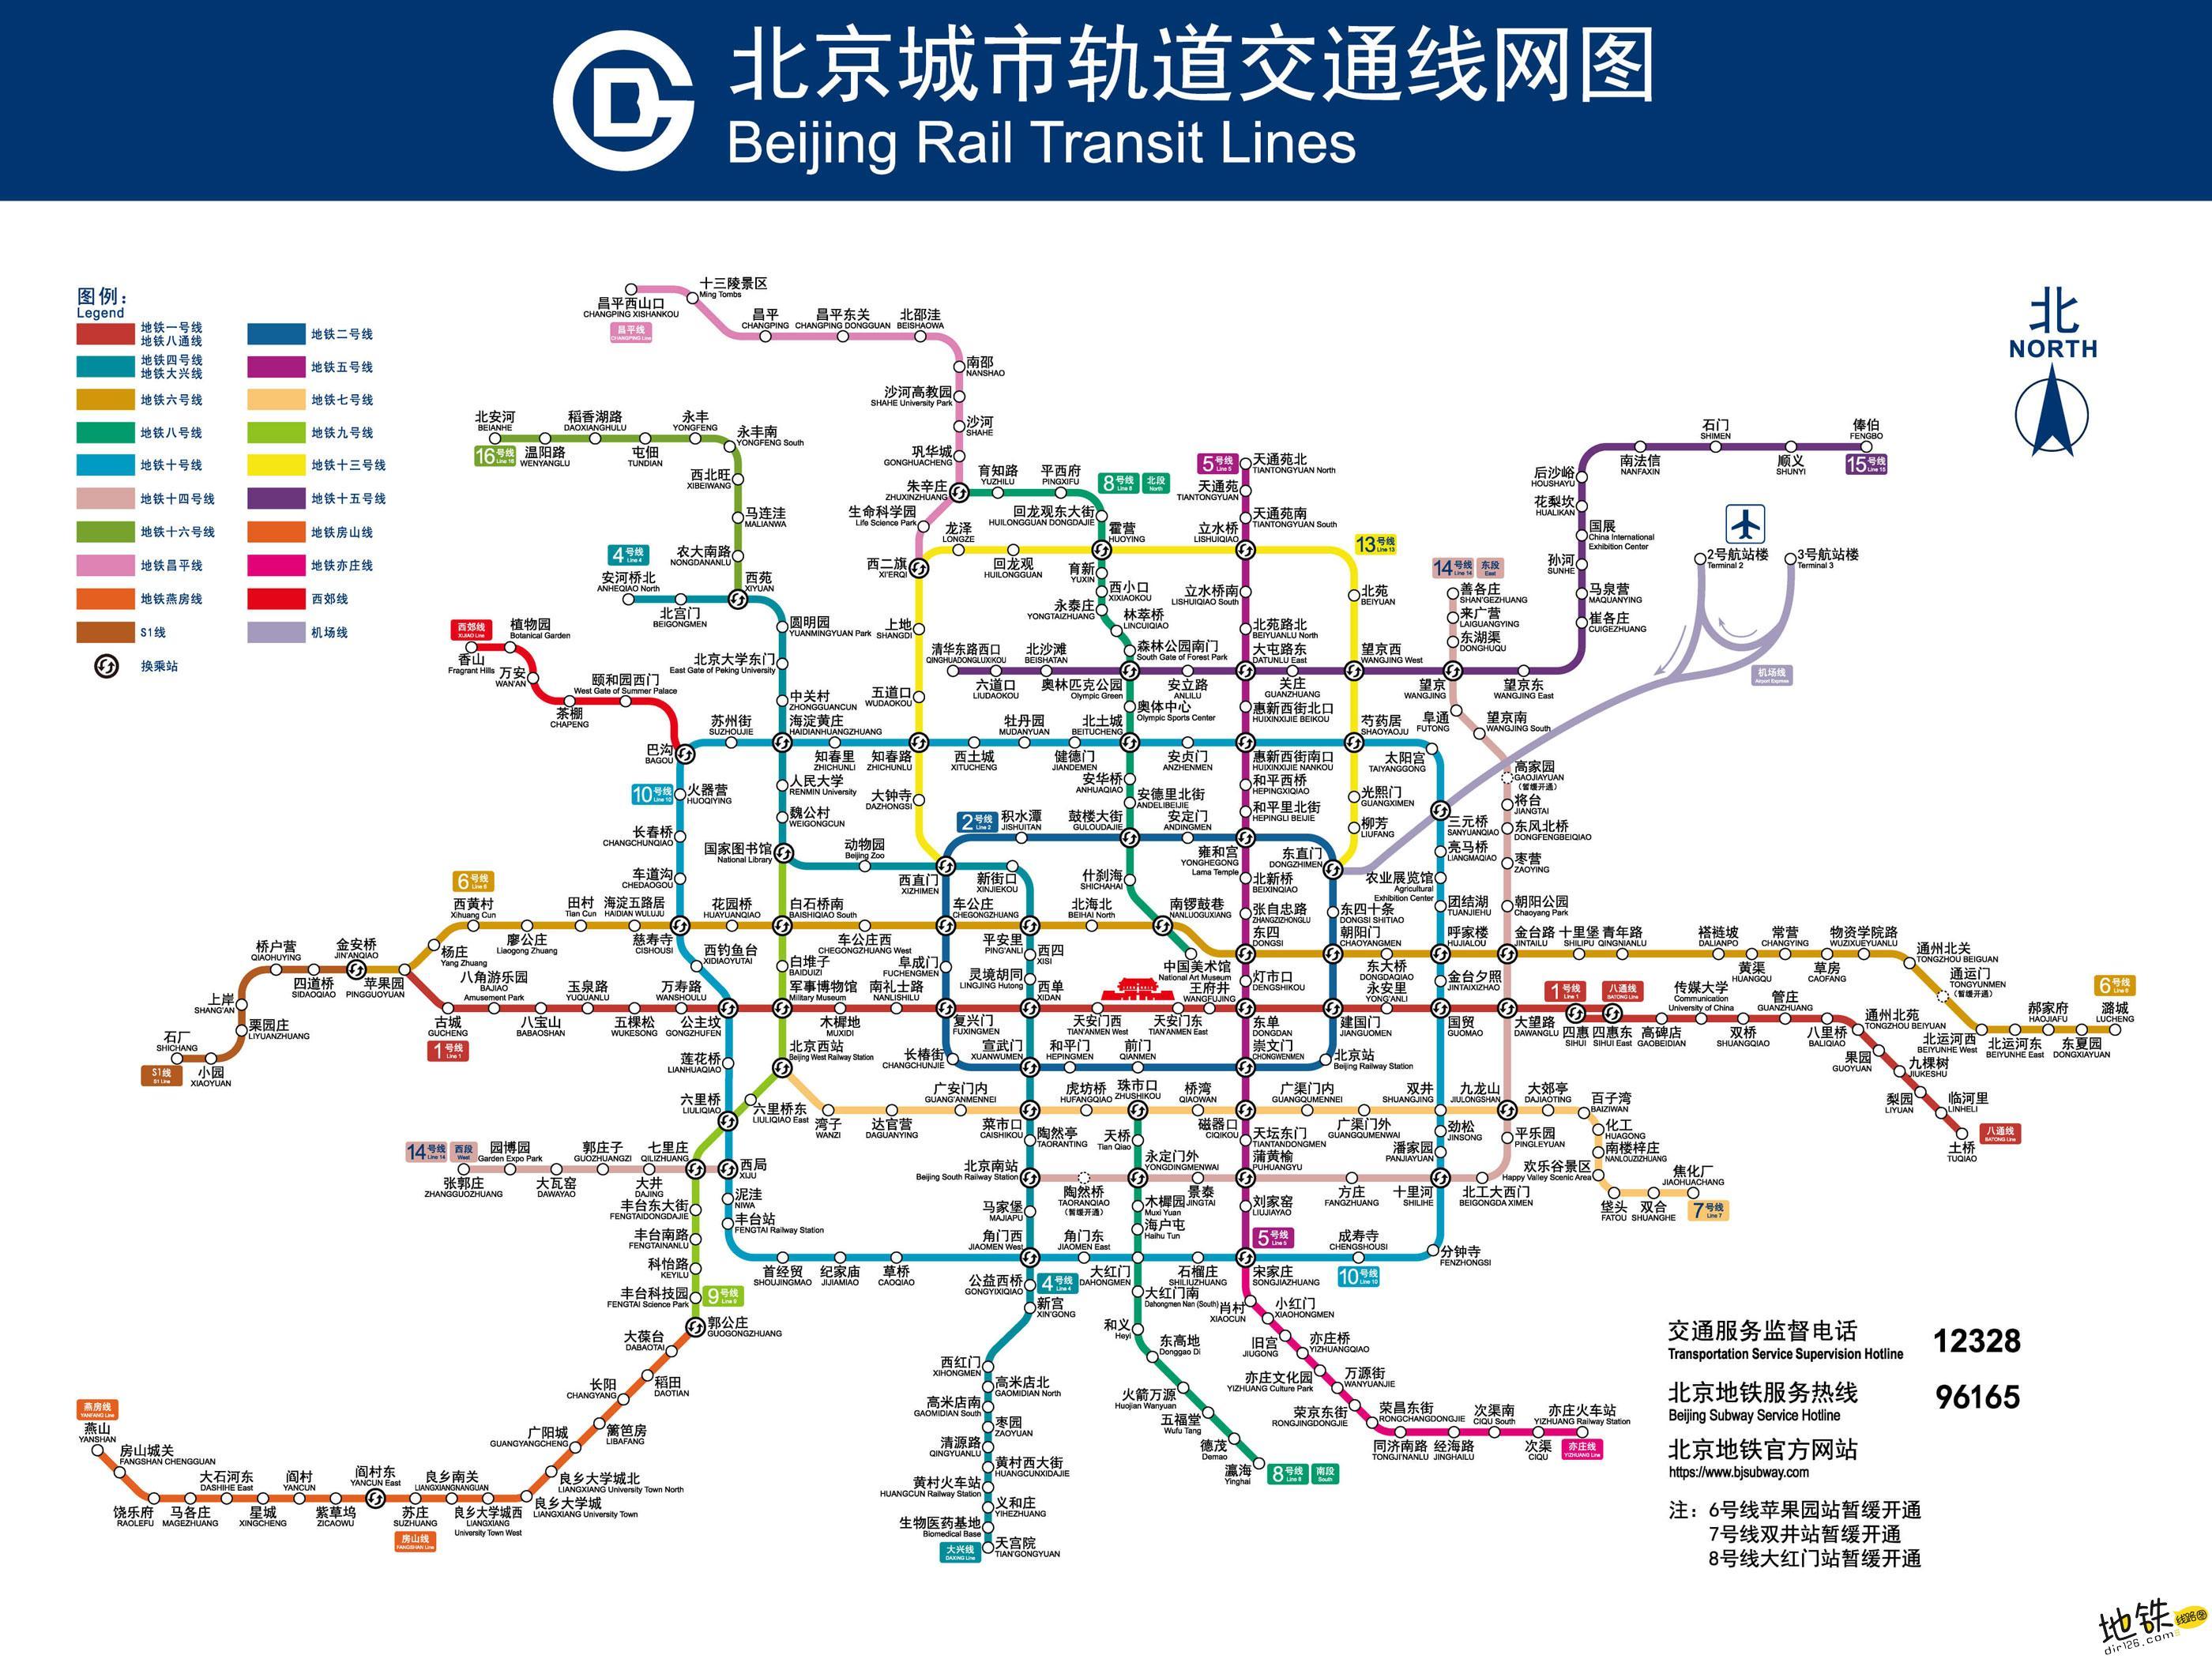 北京地铁线路图 运营时间票价站点 查询下载 北京地铁线路图 北京地铁票价 北京地铁运营时间 北京地铁 北京地铁线路图  第1张